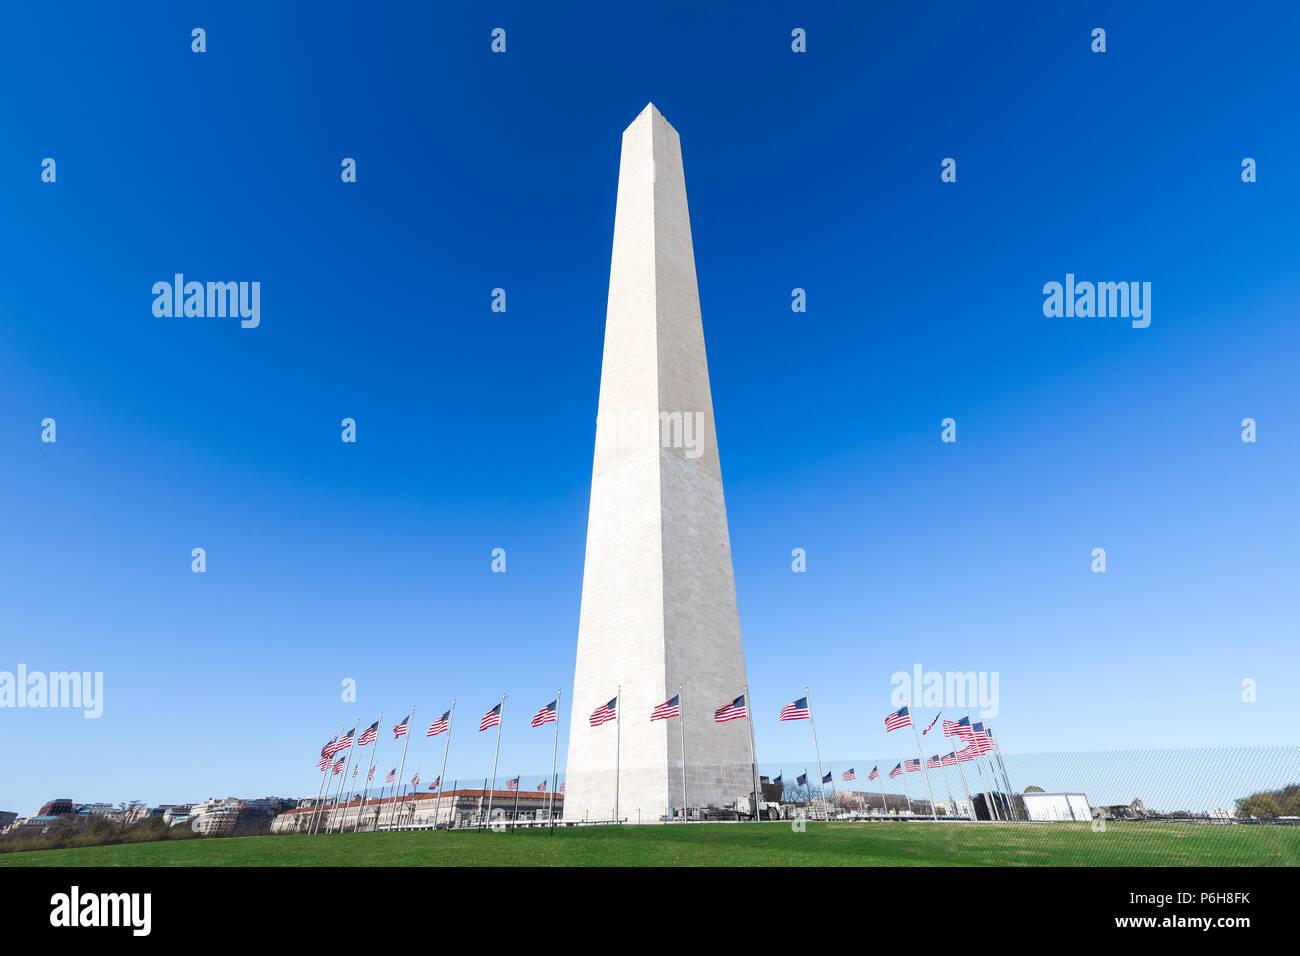 El Monumento a Washington, en el National Mall con el azul claro del cielo, Washington DC, EE.UU. Imagen De Stock